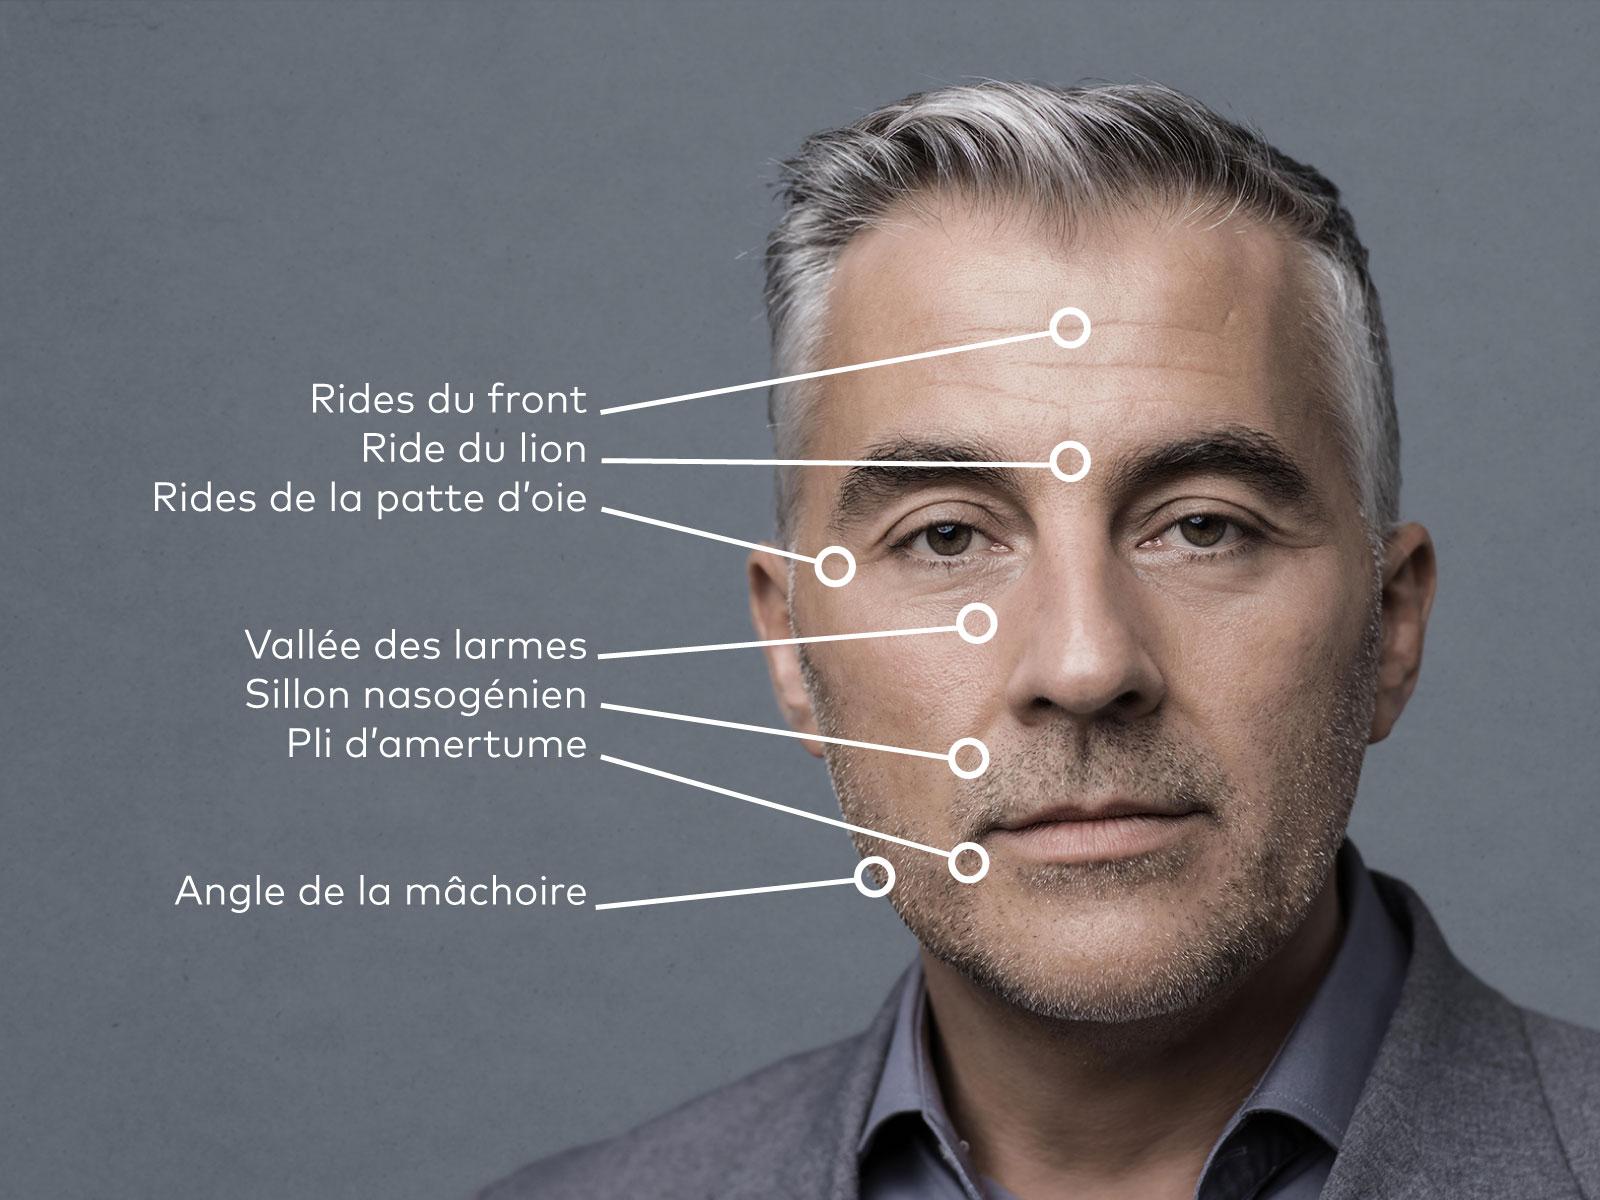 Lexique des termes anatomiques utilisés en médecine esthétique pour un homme